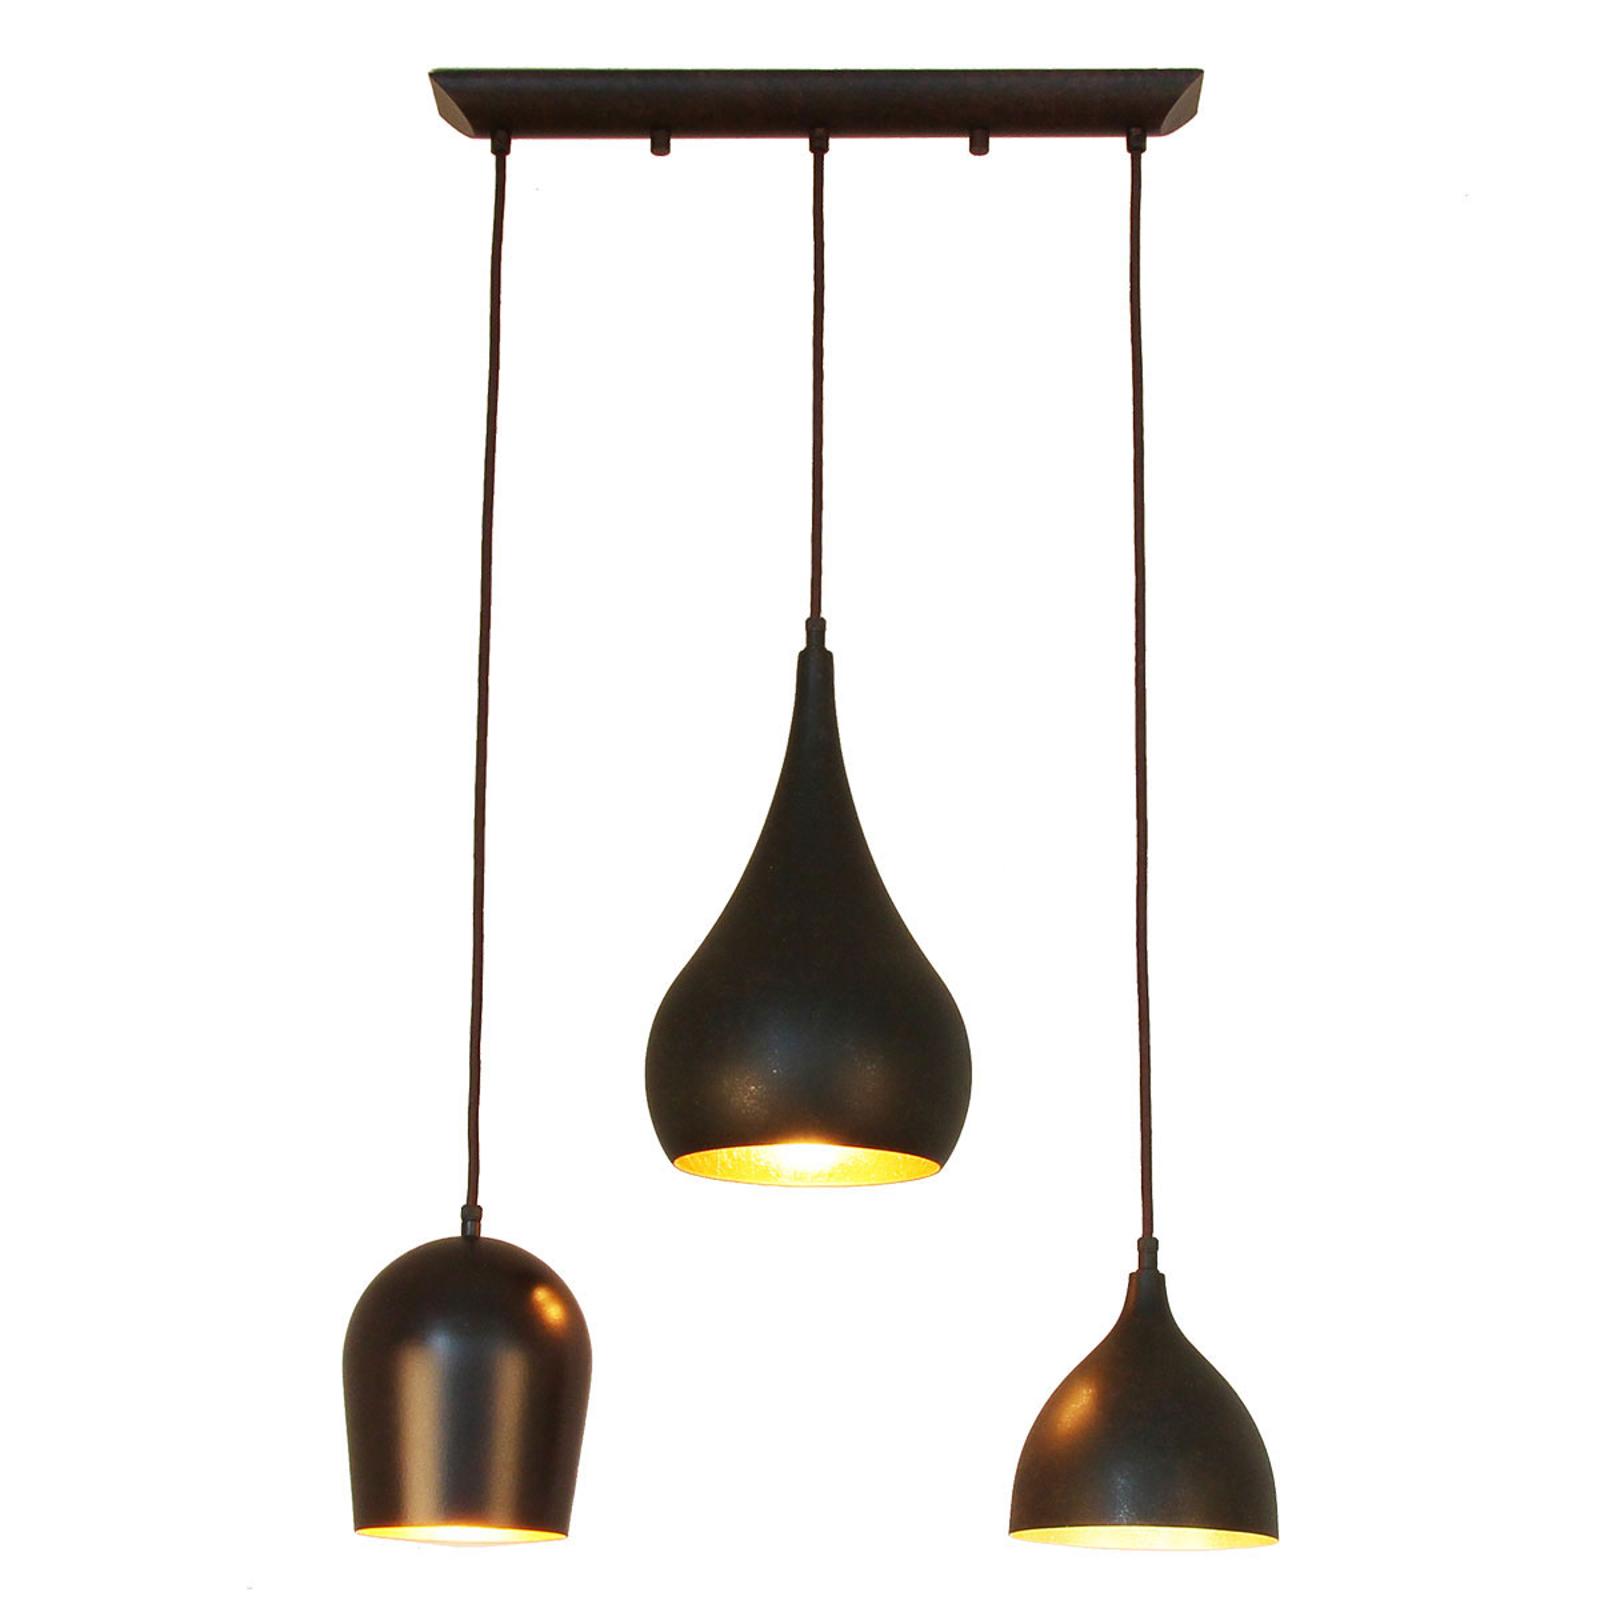 Menzel Solo lampa wisząca, 3-pkt. podłużna